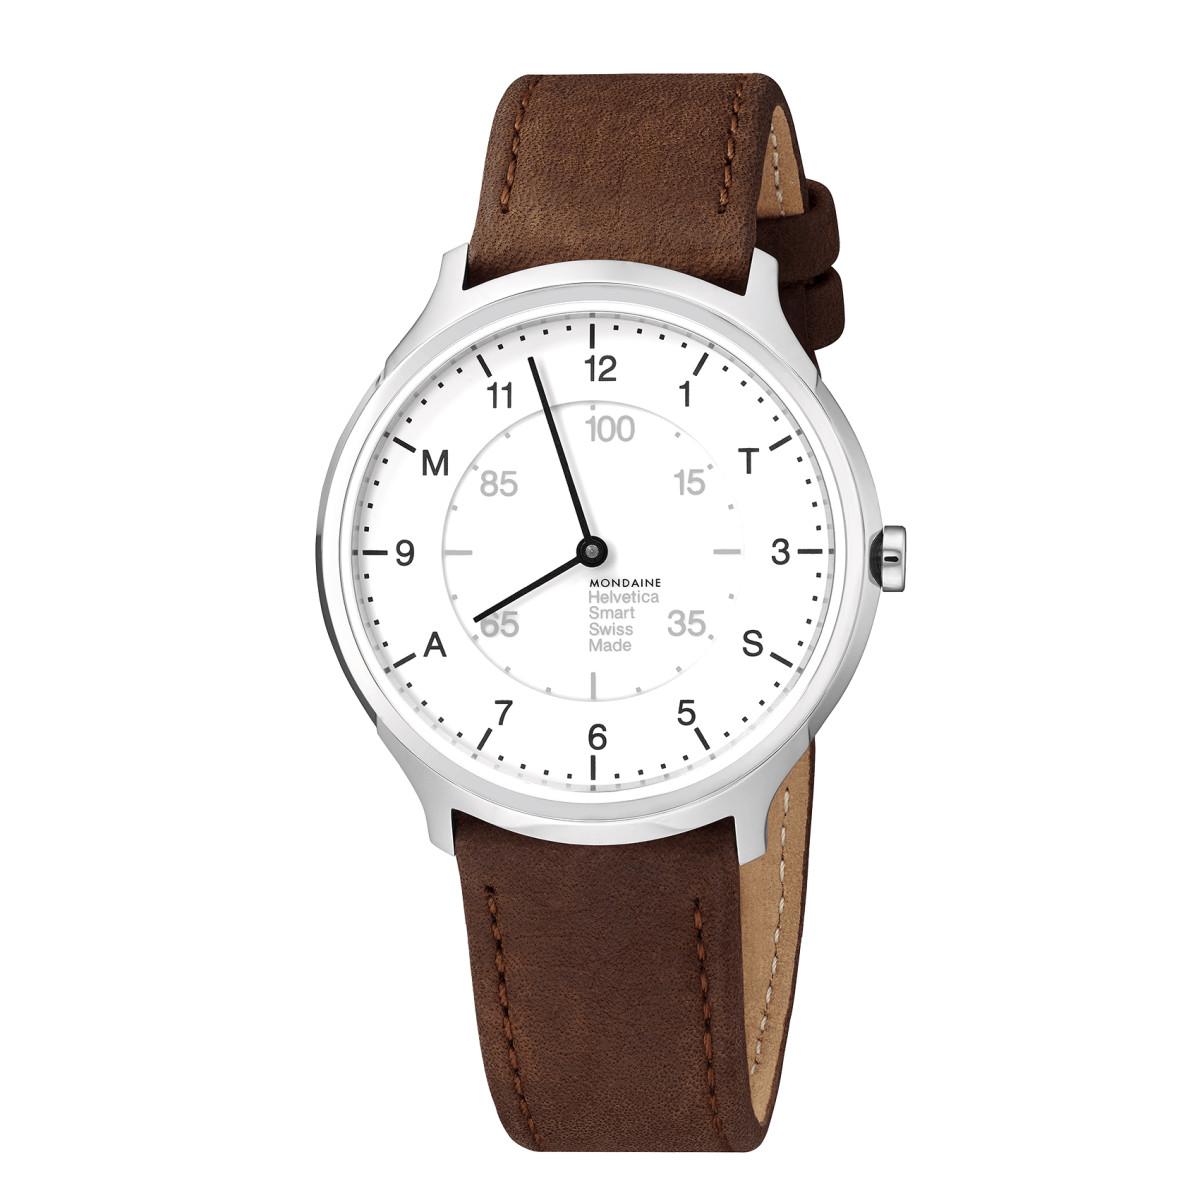 Mondaine Helvetica 1 Regular Smartwatch